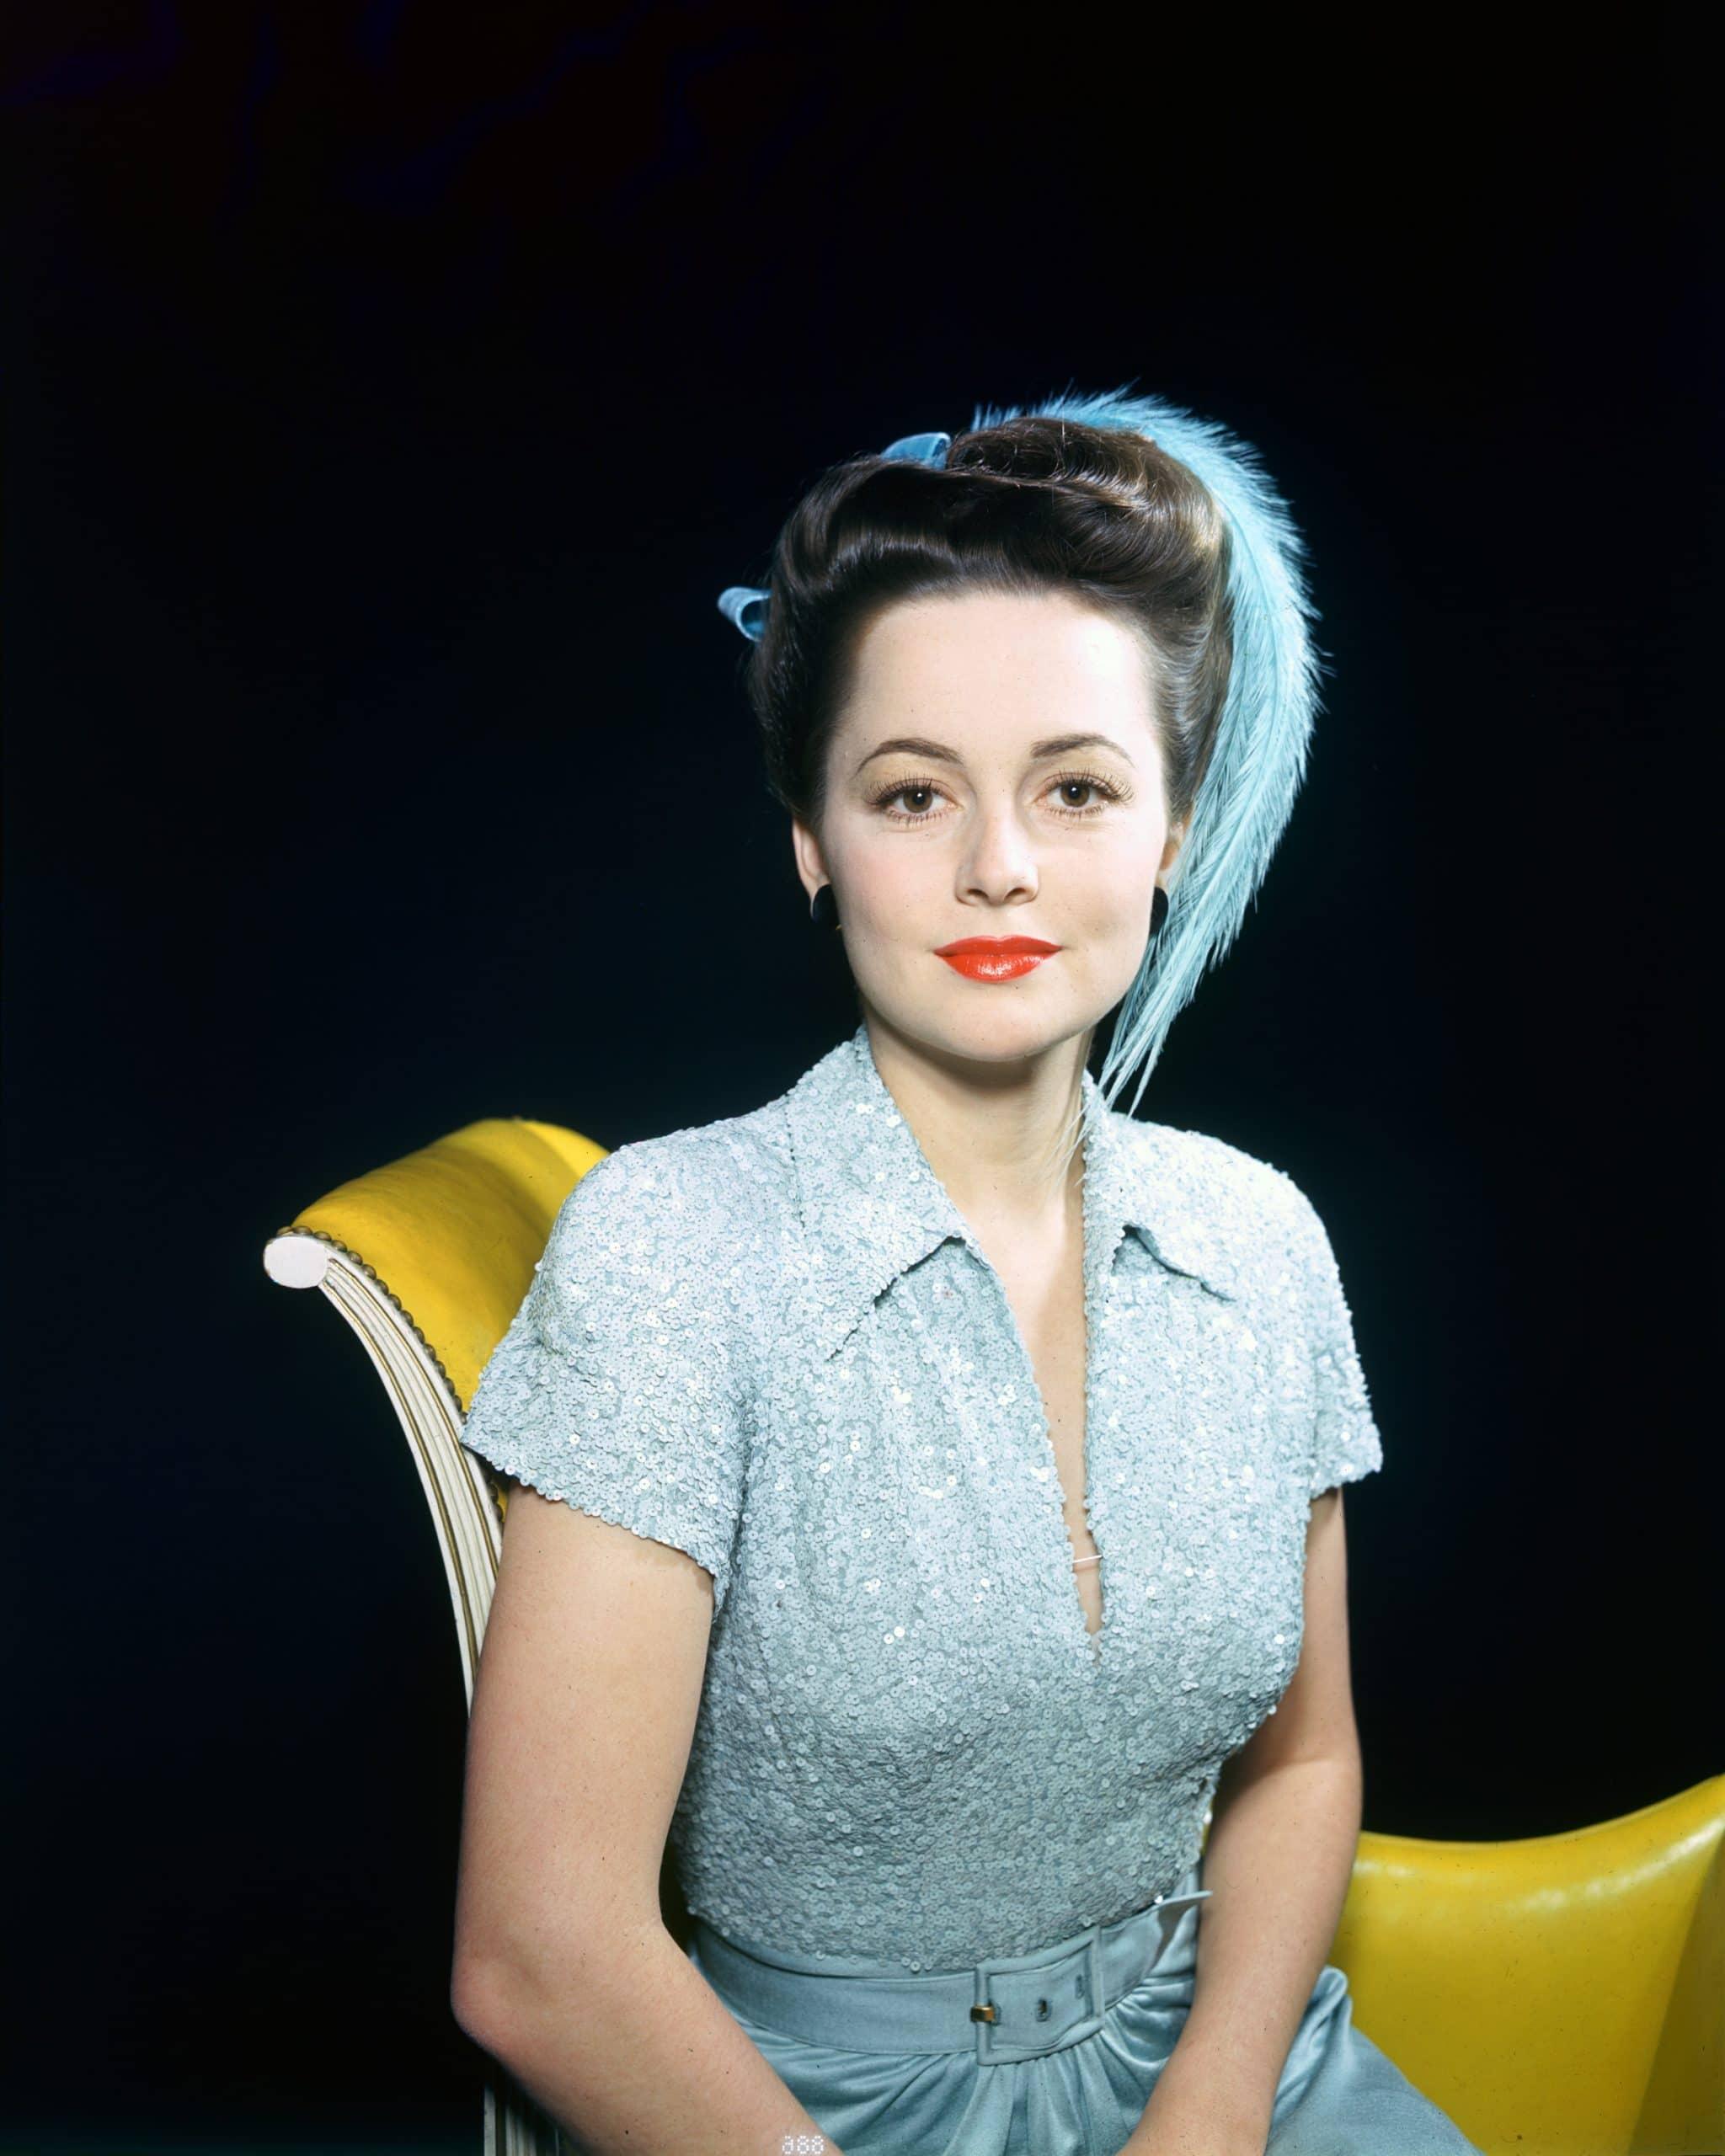 Olivia de Havilland young blue dress